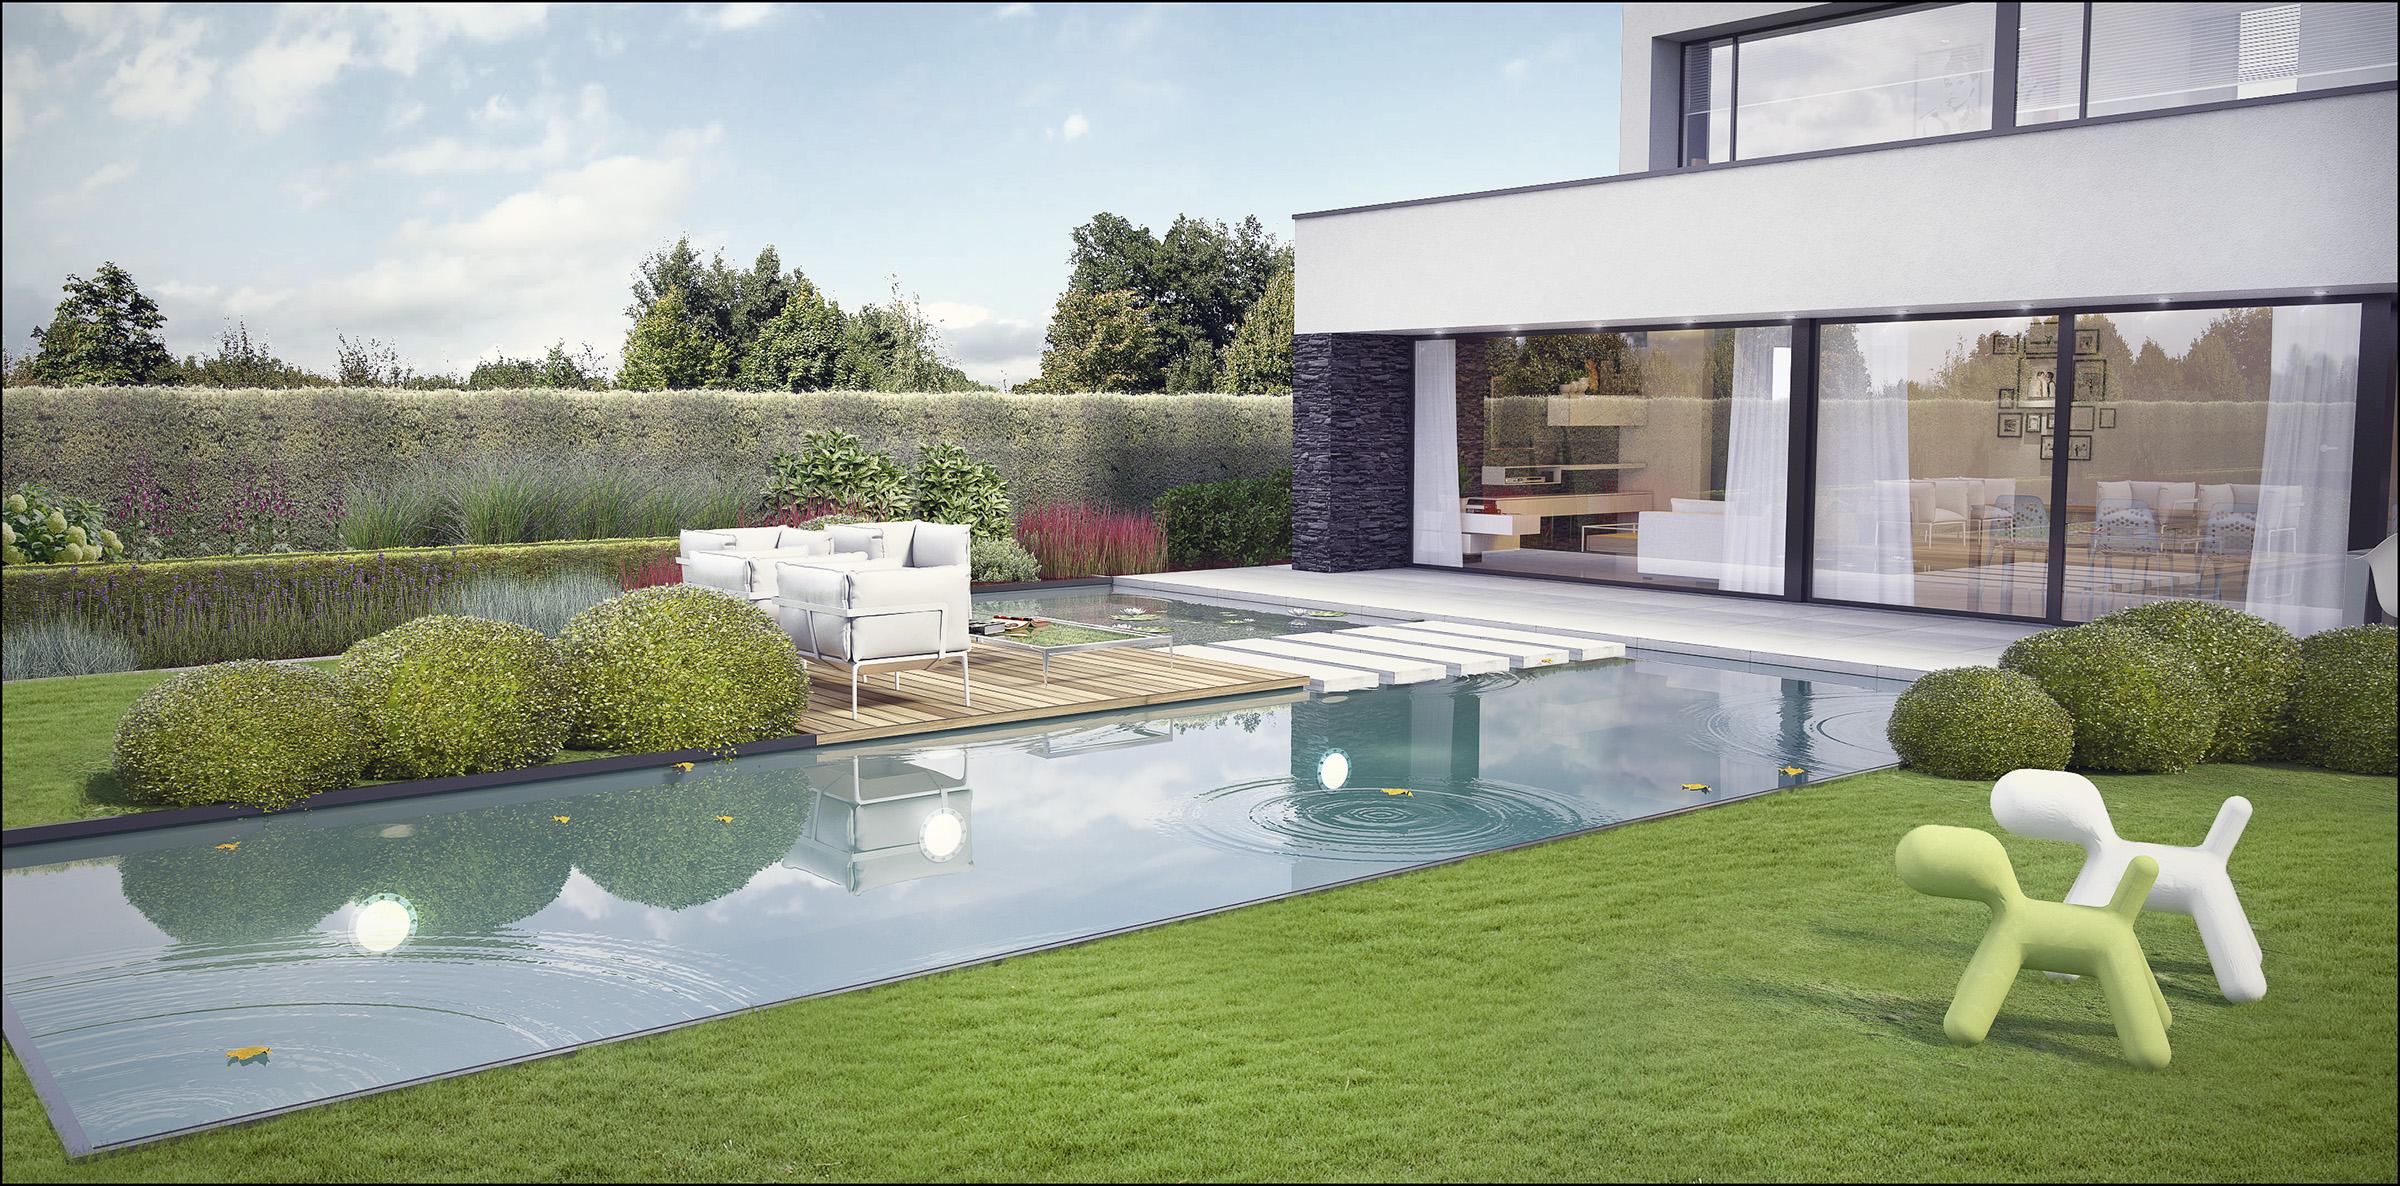 Eco tuinarchitectengroep 3d projecten tuin moderne woning - Tuin en zwembad design ...